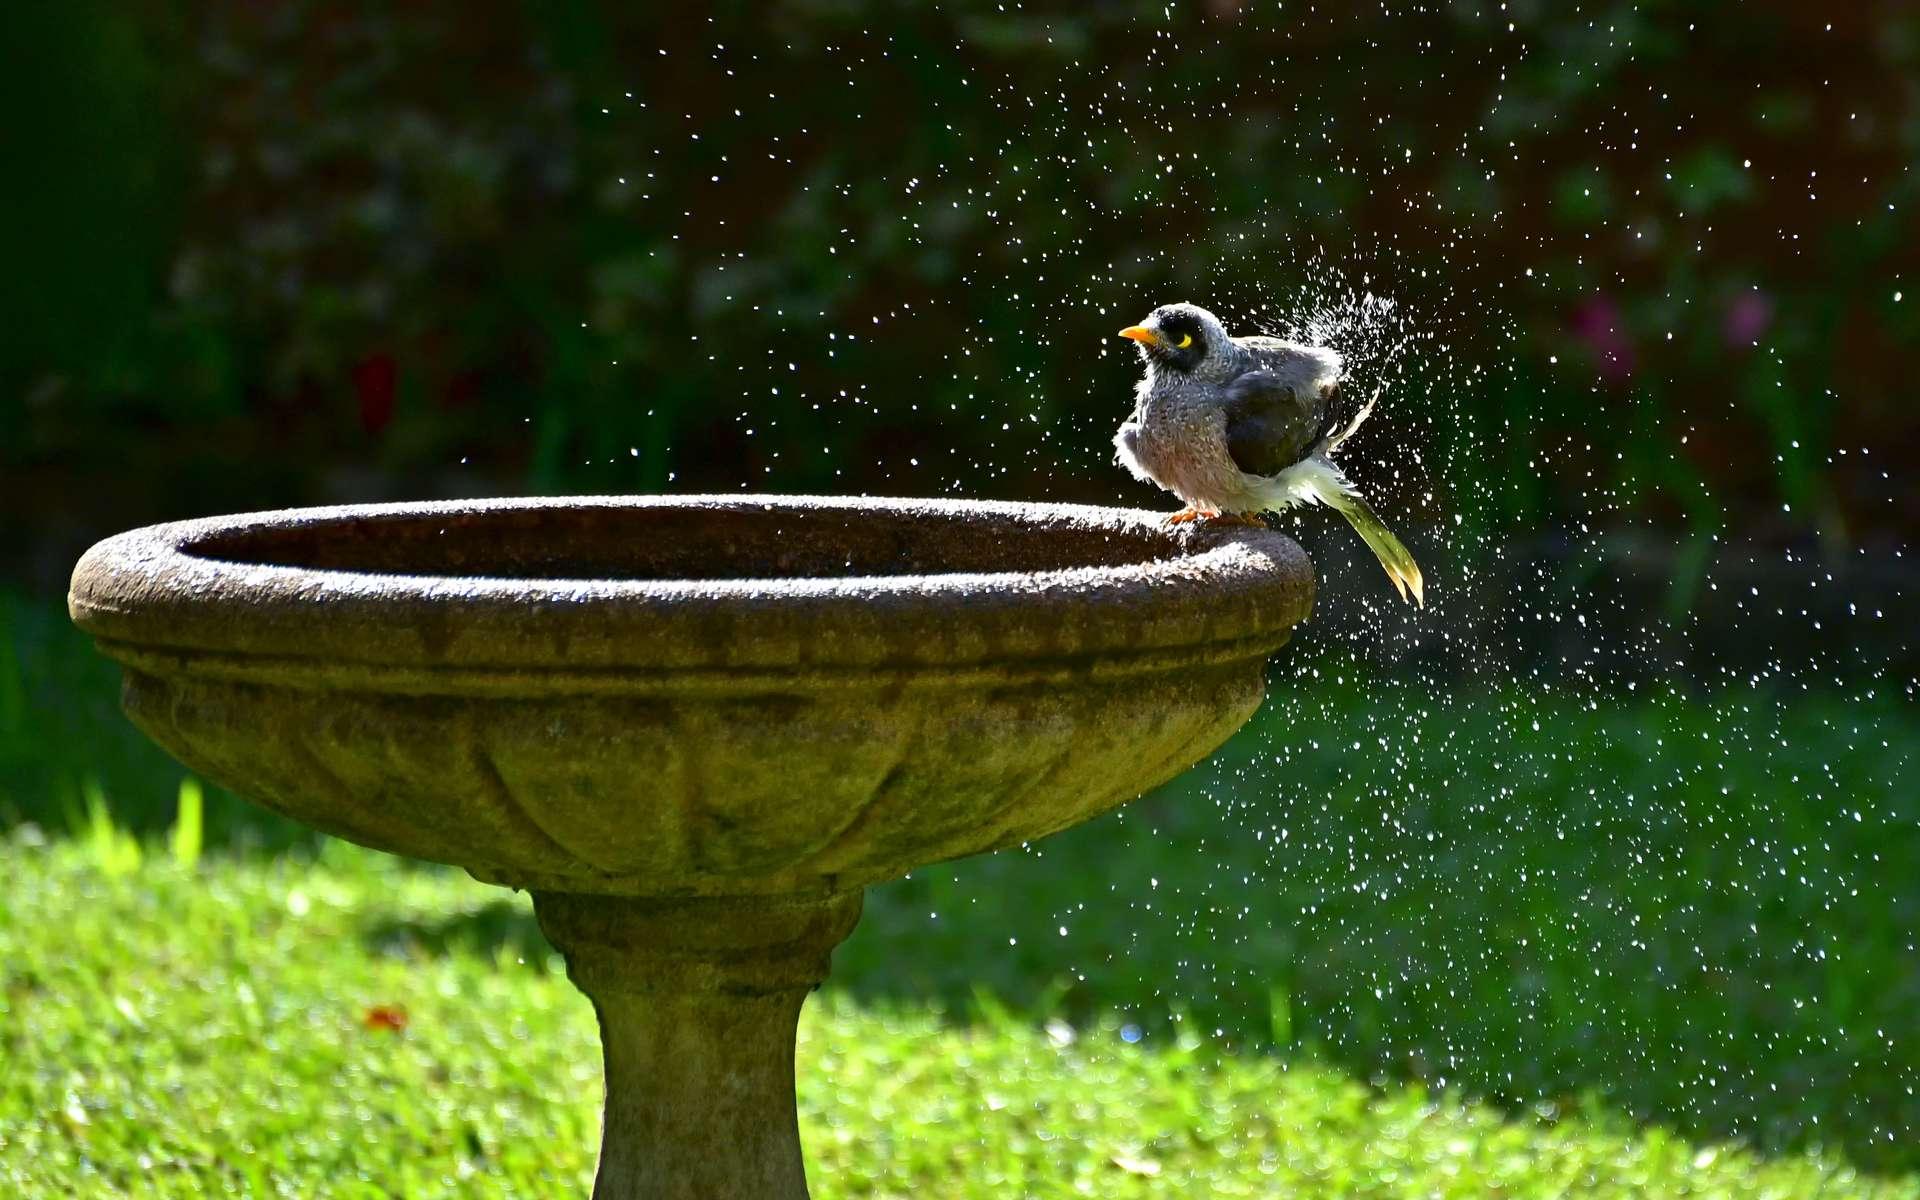 L'été, la faune sauvage peut avoir des difficultés à s'abreuver et à se rafraîchir. © Ernest, Adobe Stock